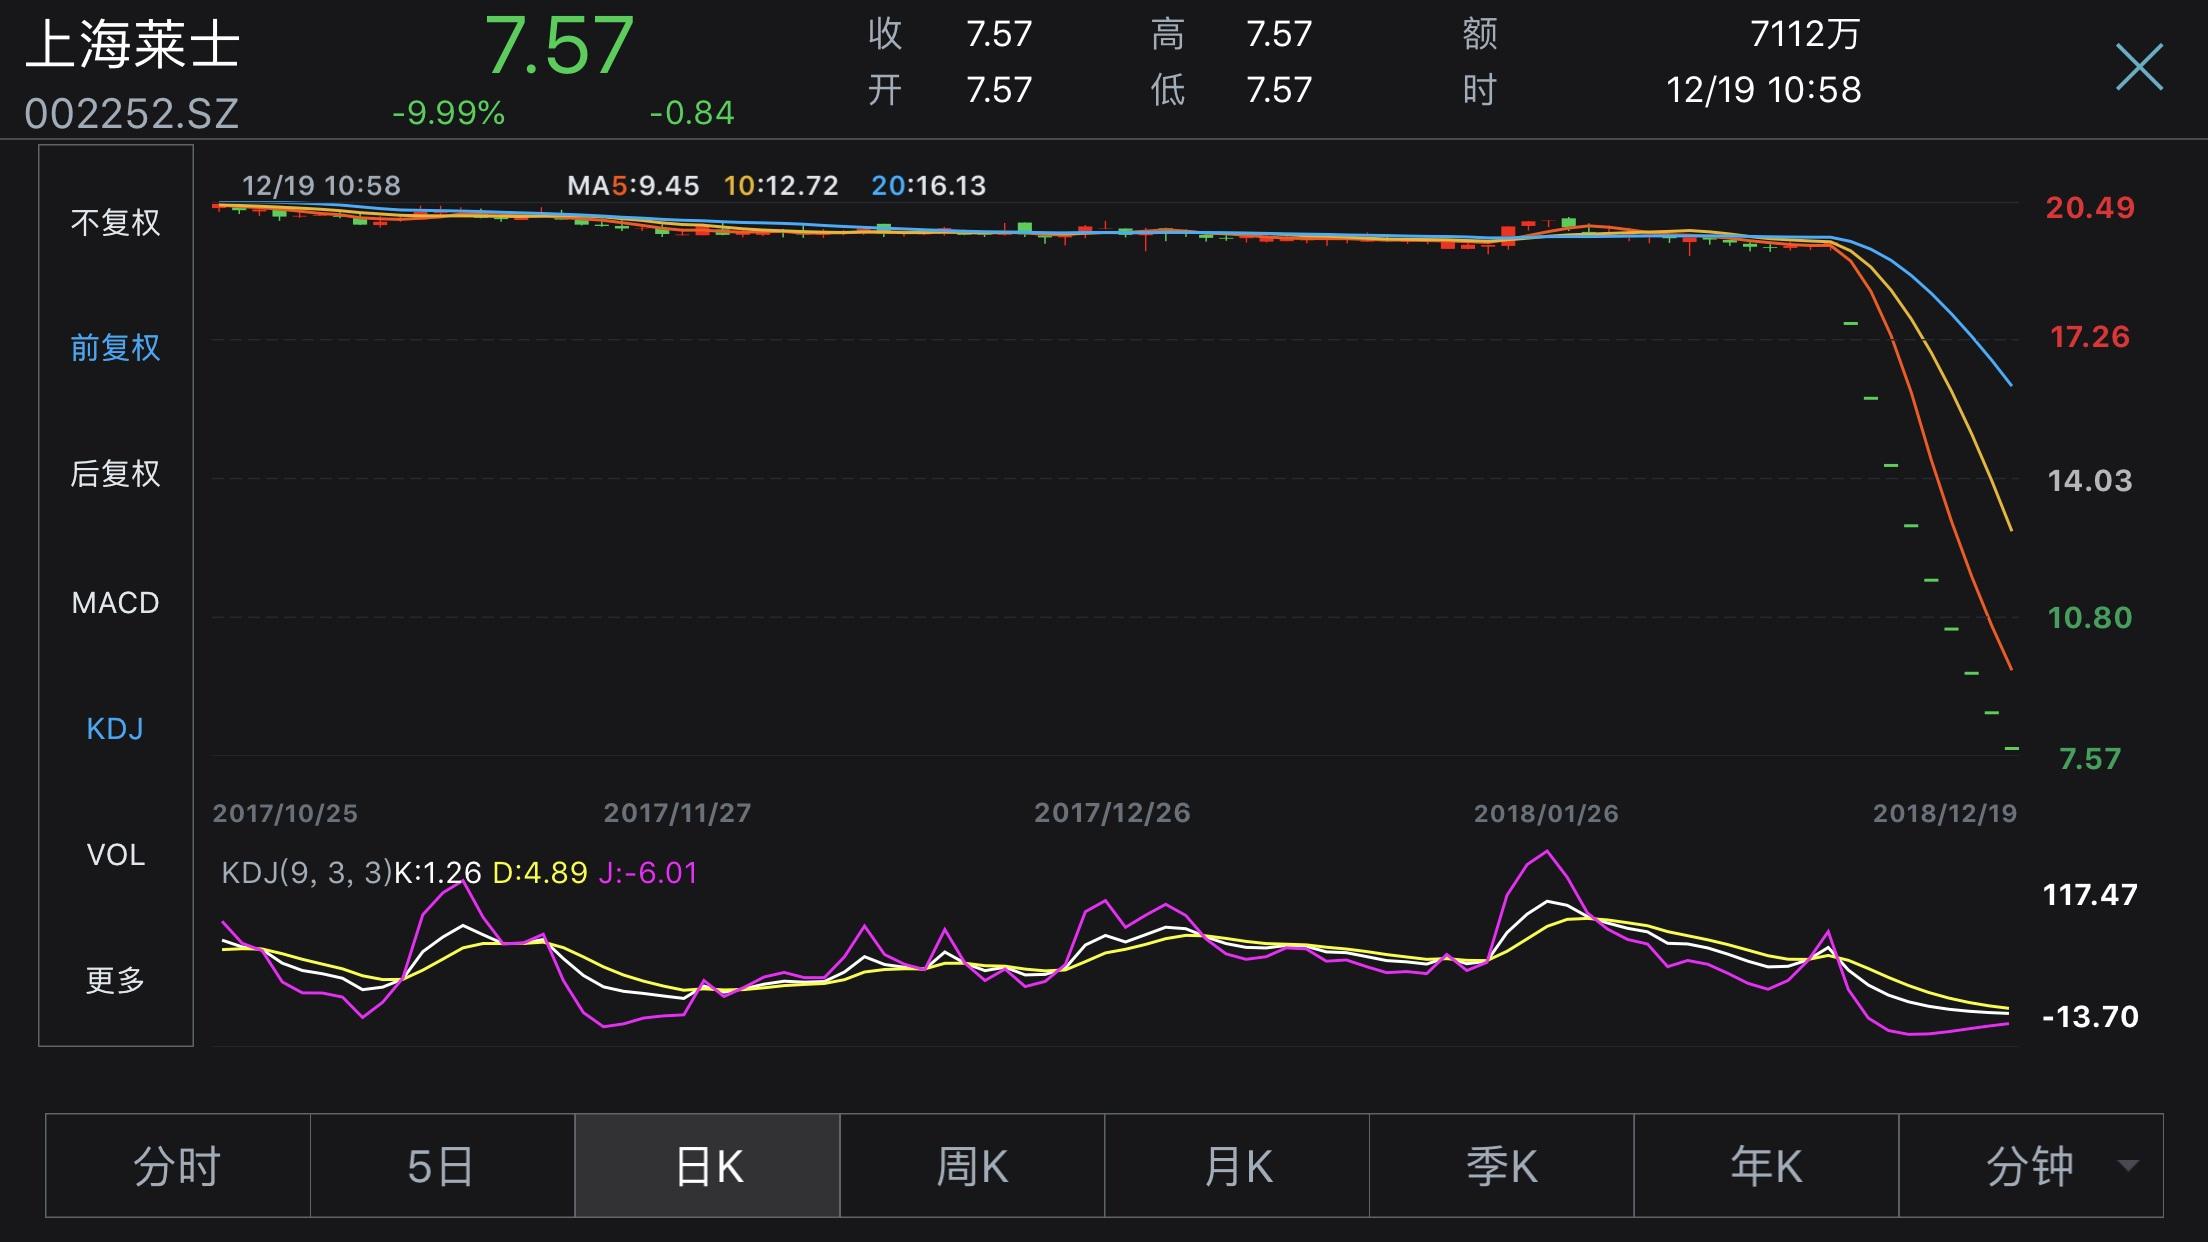 """连跌9天市值蒸发近600亿 上海莱士391亿收买方案或""""泡汤"""""""